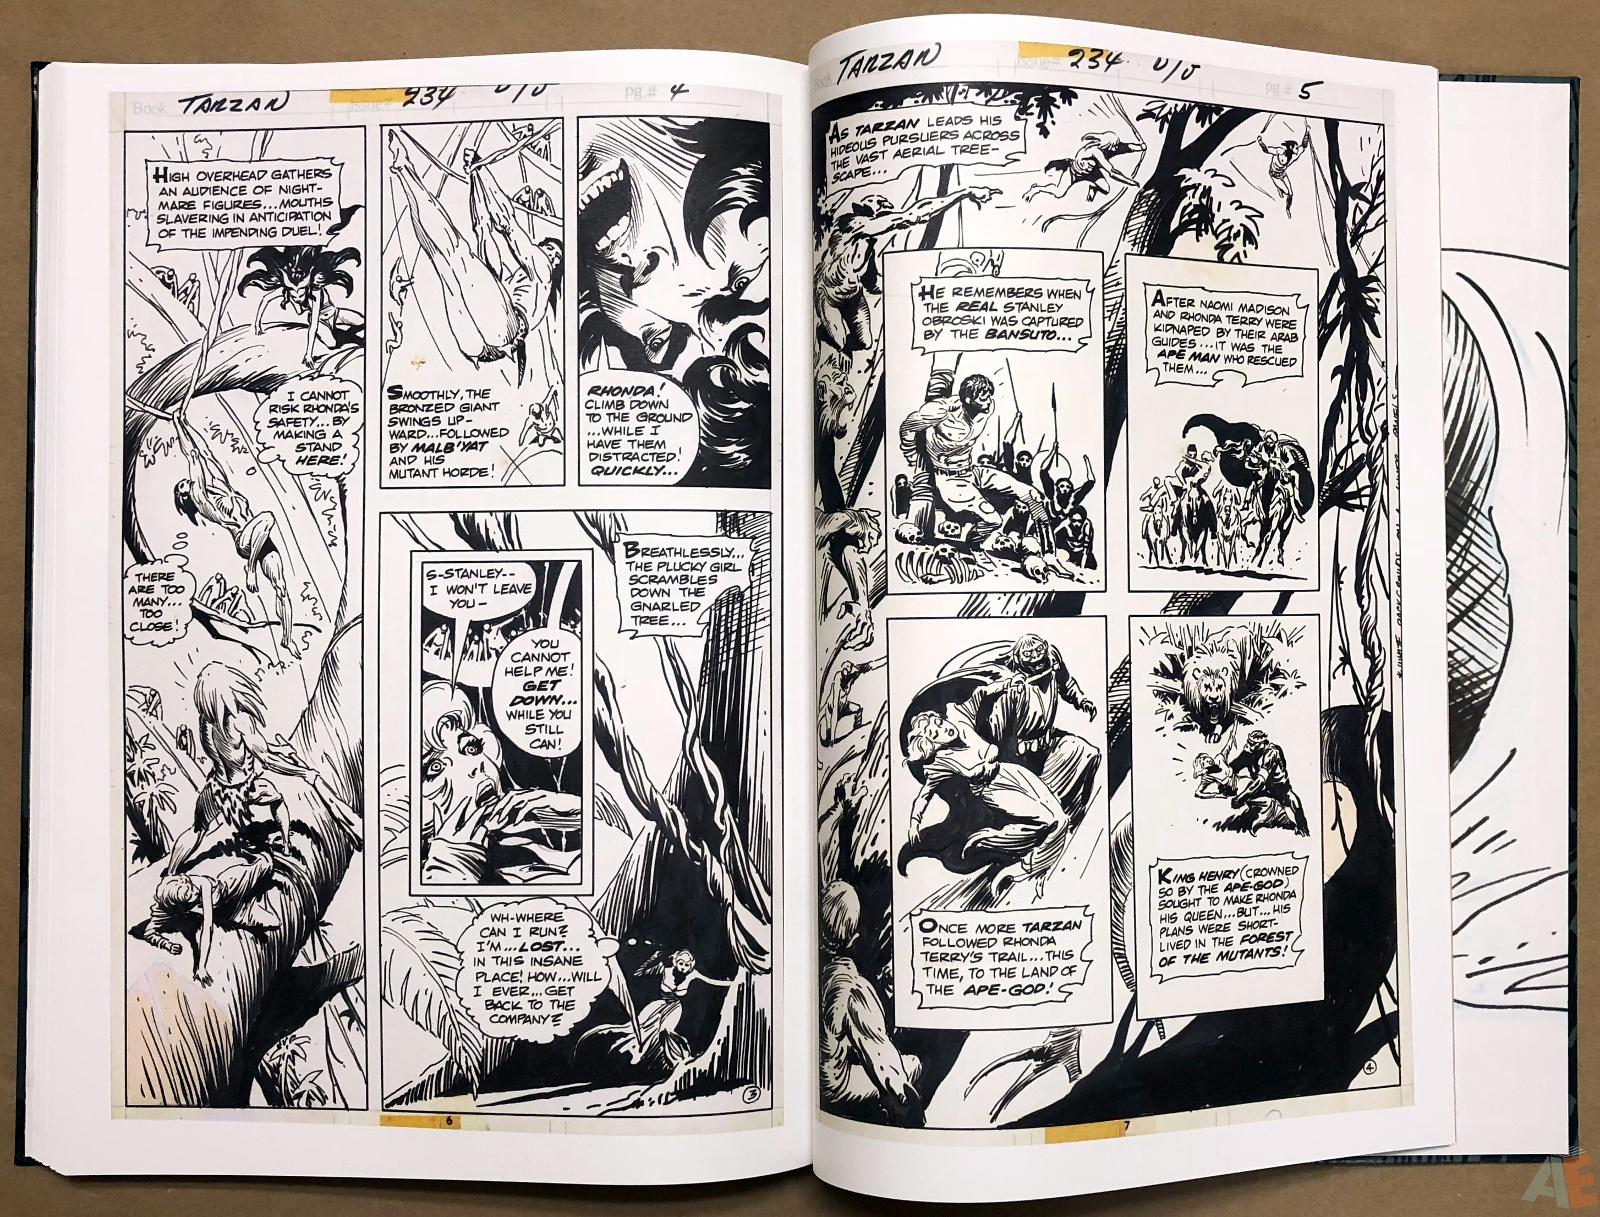 Joe Kubert's Tarzan and the Lion Man Artist's Edition 42